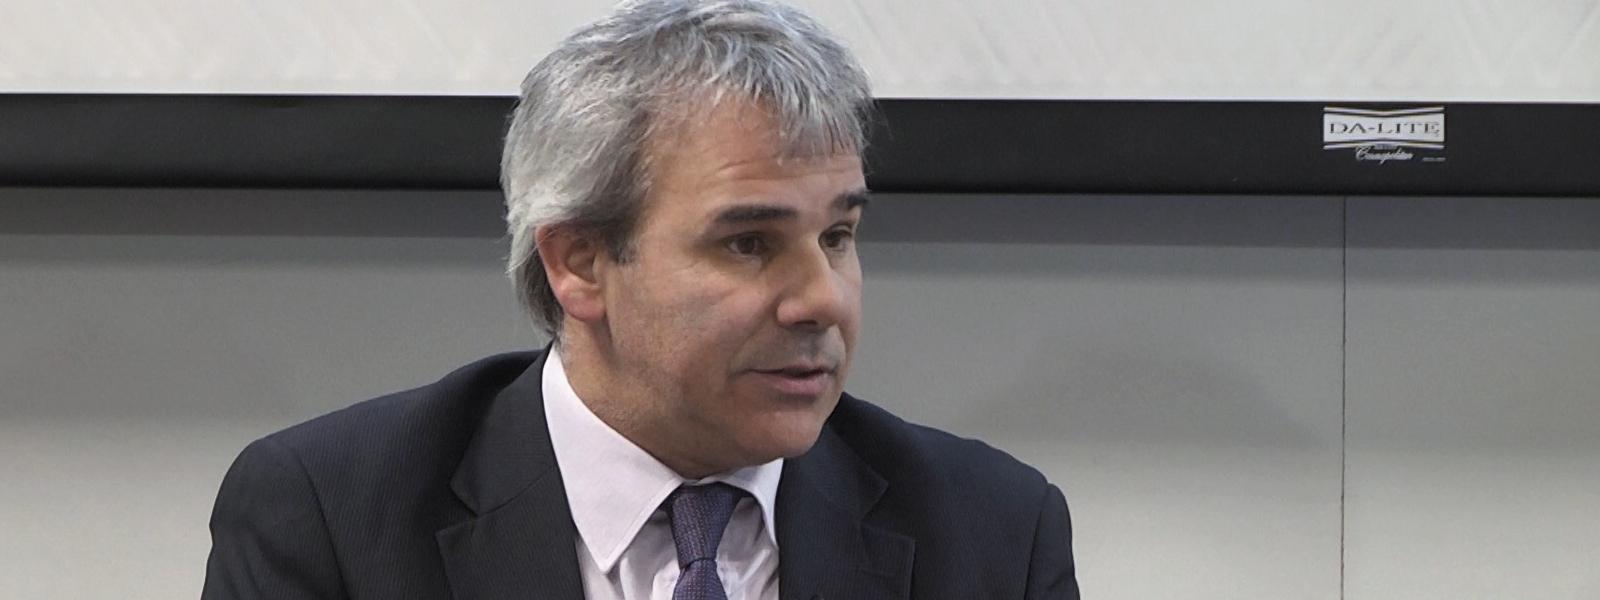 El embajador Jorge Muiño